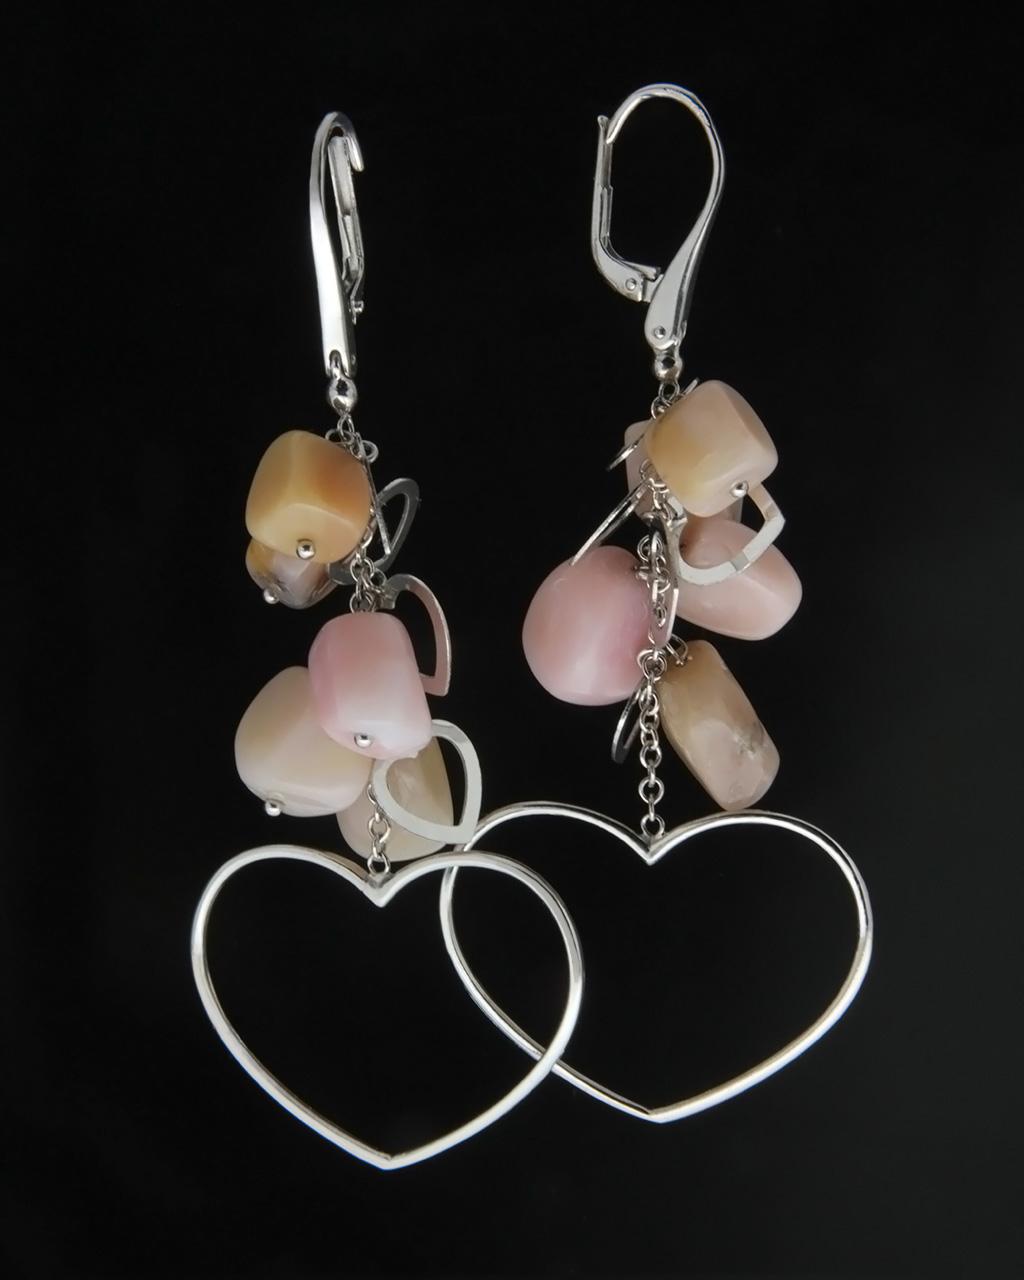 Κρεμαστά σκουλαρίκια λευκόχρυσα Κ18 με Χαλαζία   γυναικα κοσμήματα με καρδιές